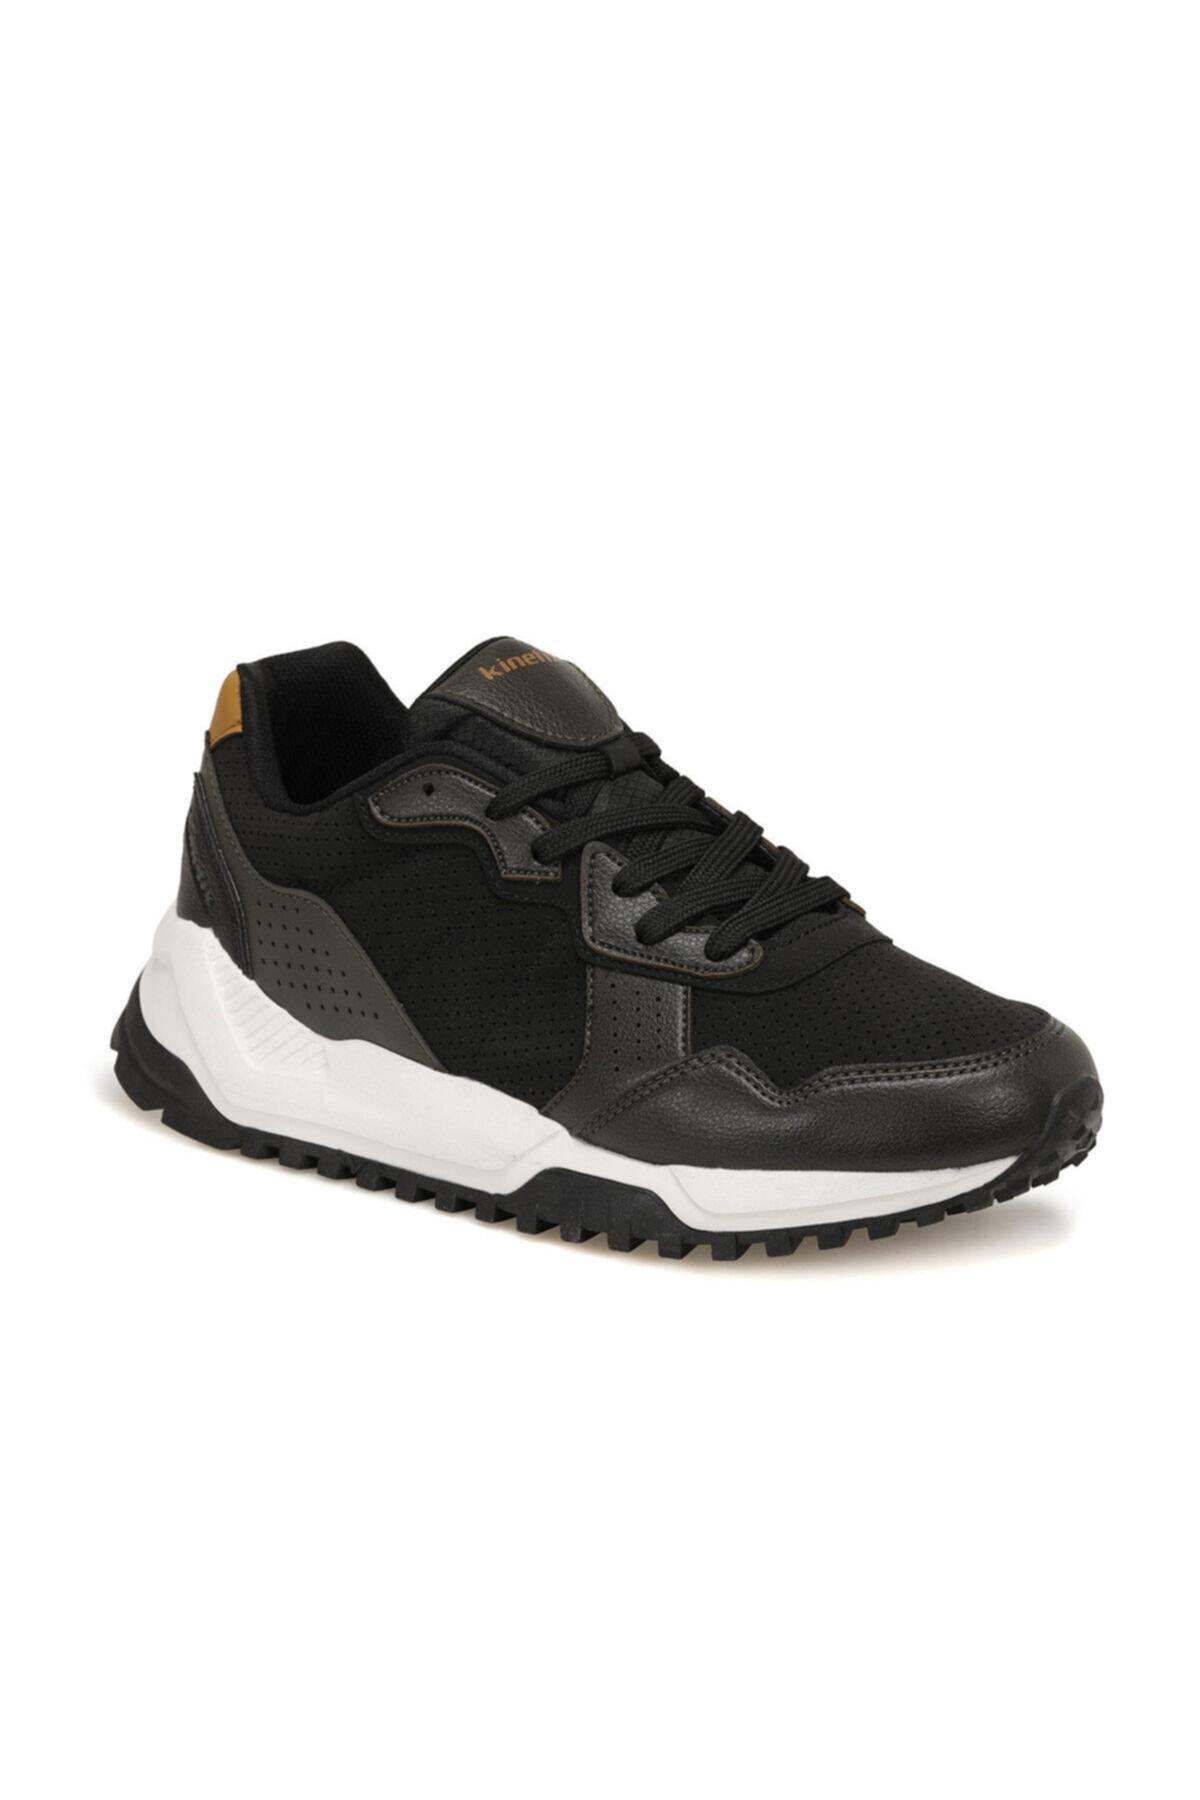 Kinetix CYNERIC Haki Erkek Kalın Taban Sneaker Spor Ayakkabı 100540738 1